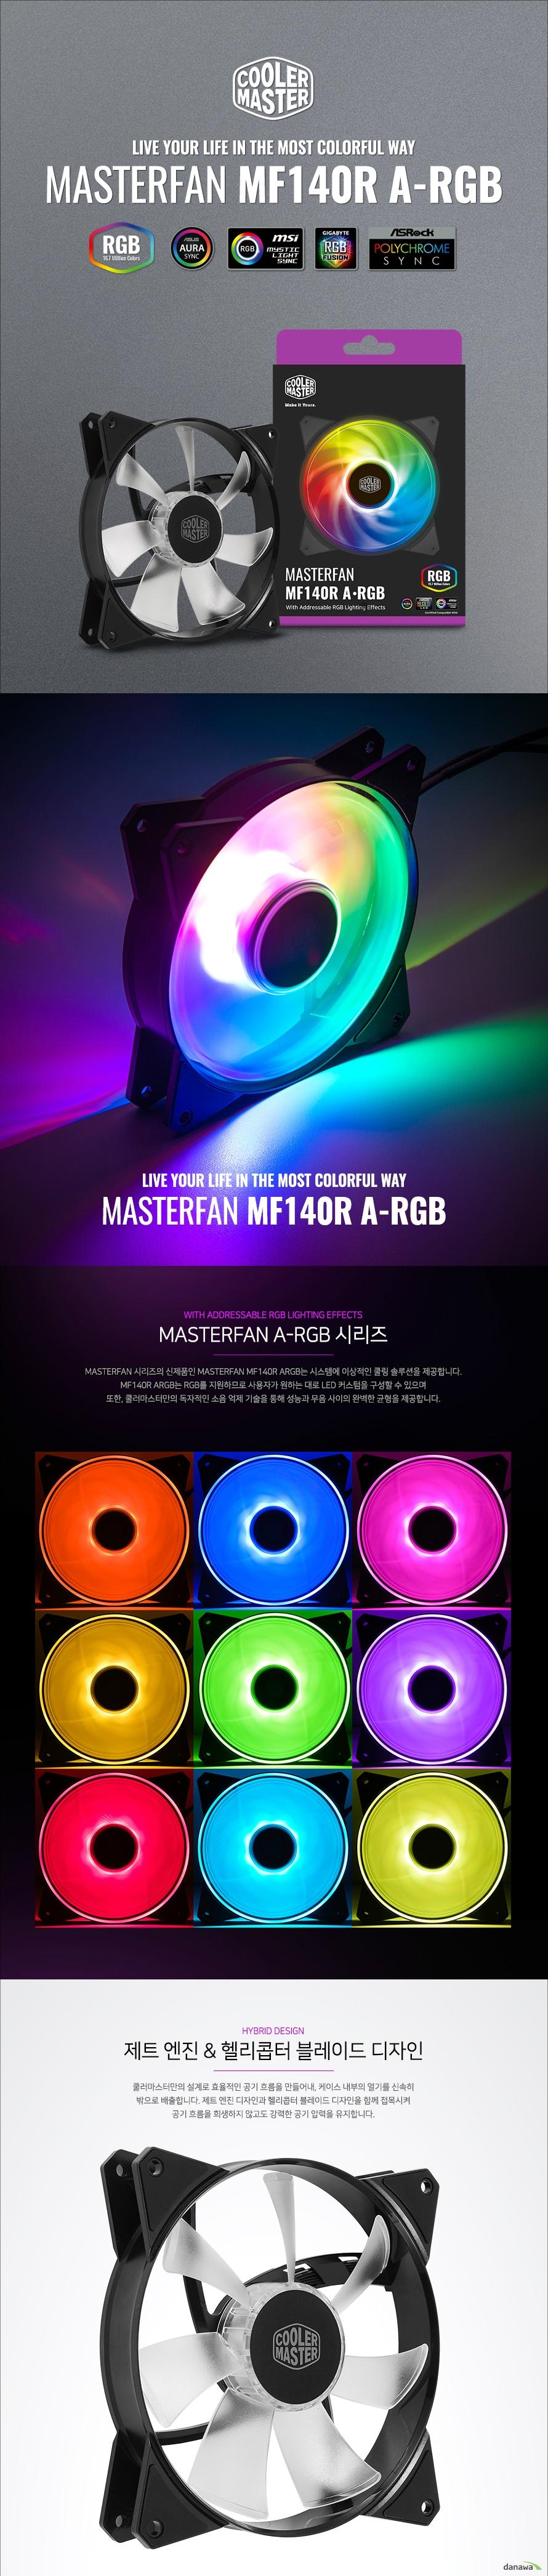 쿨러마스터 MASTERFAN MF140R ARGB